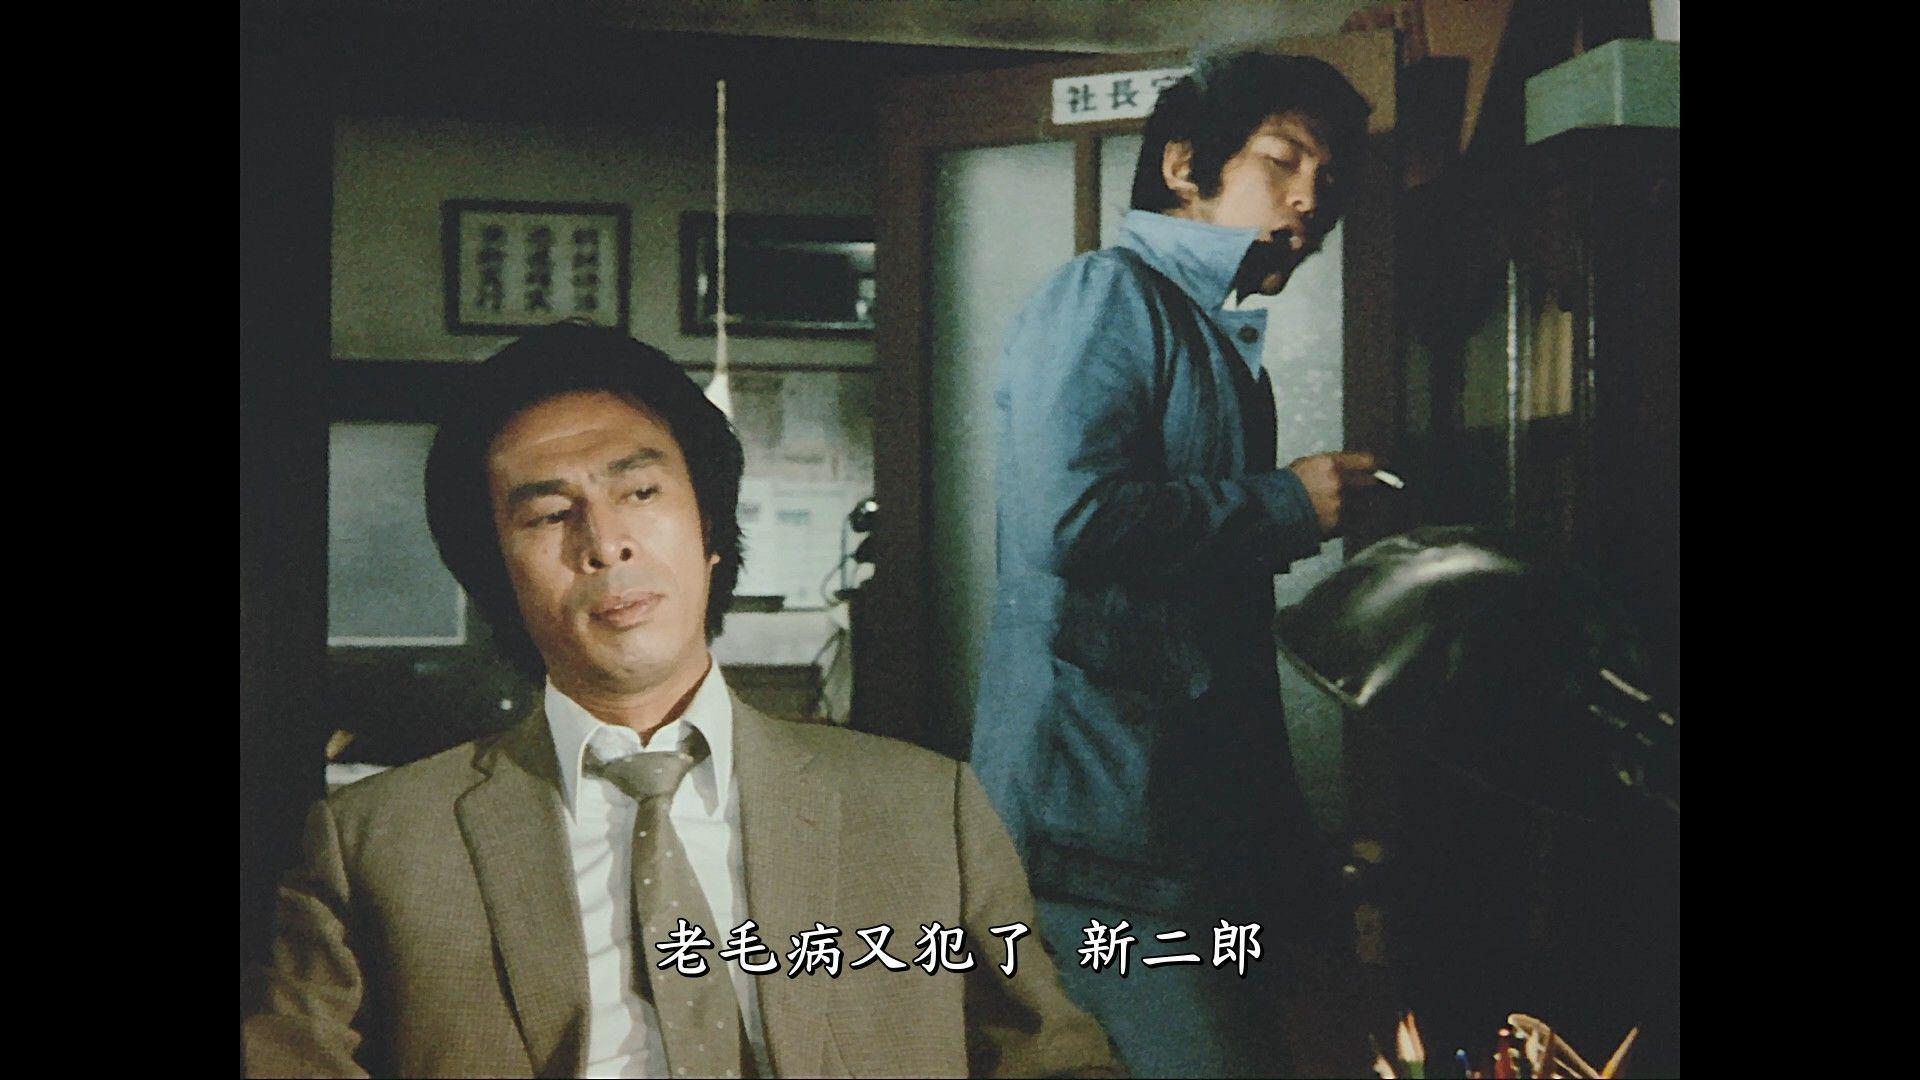 日日夜夜搞天天天天射 kkk.2myw.com